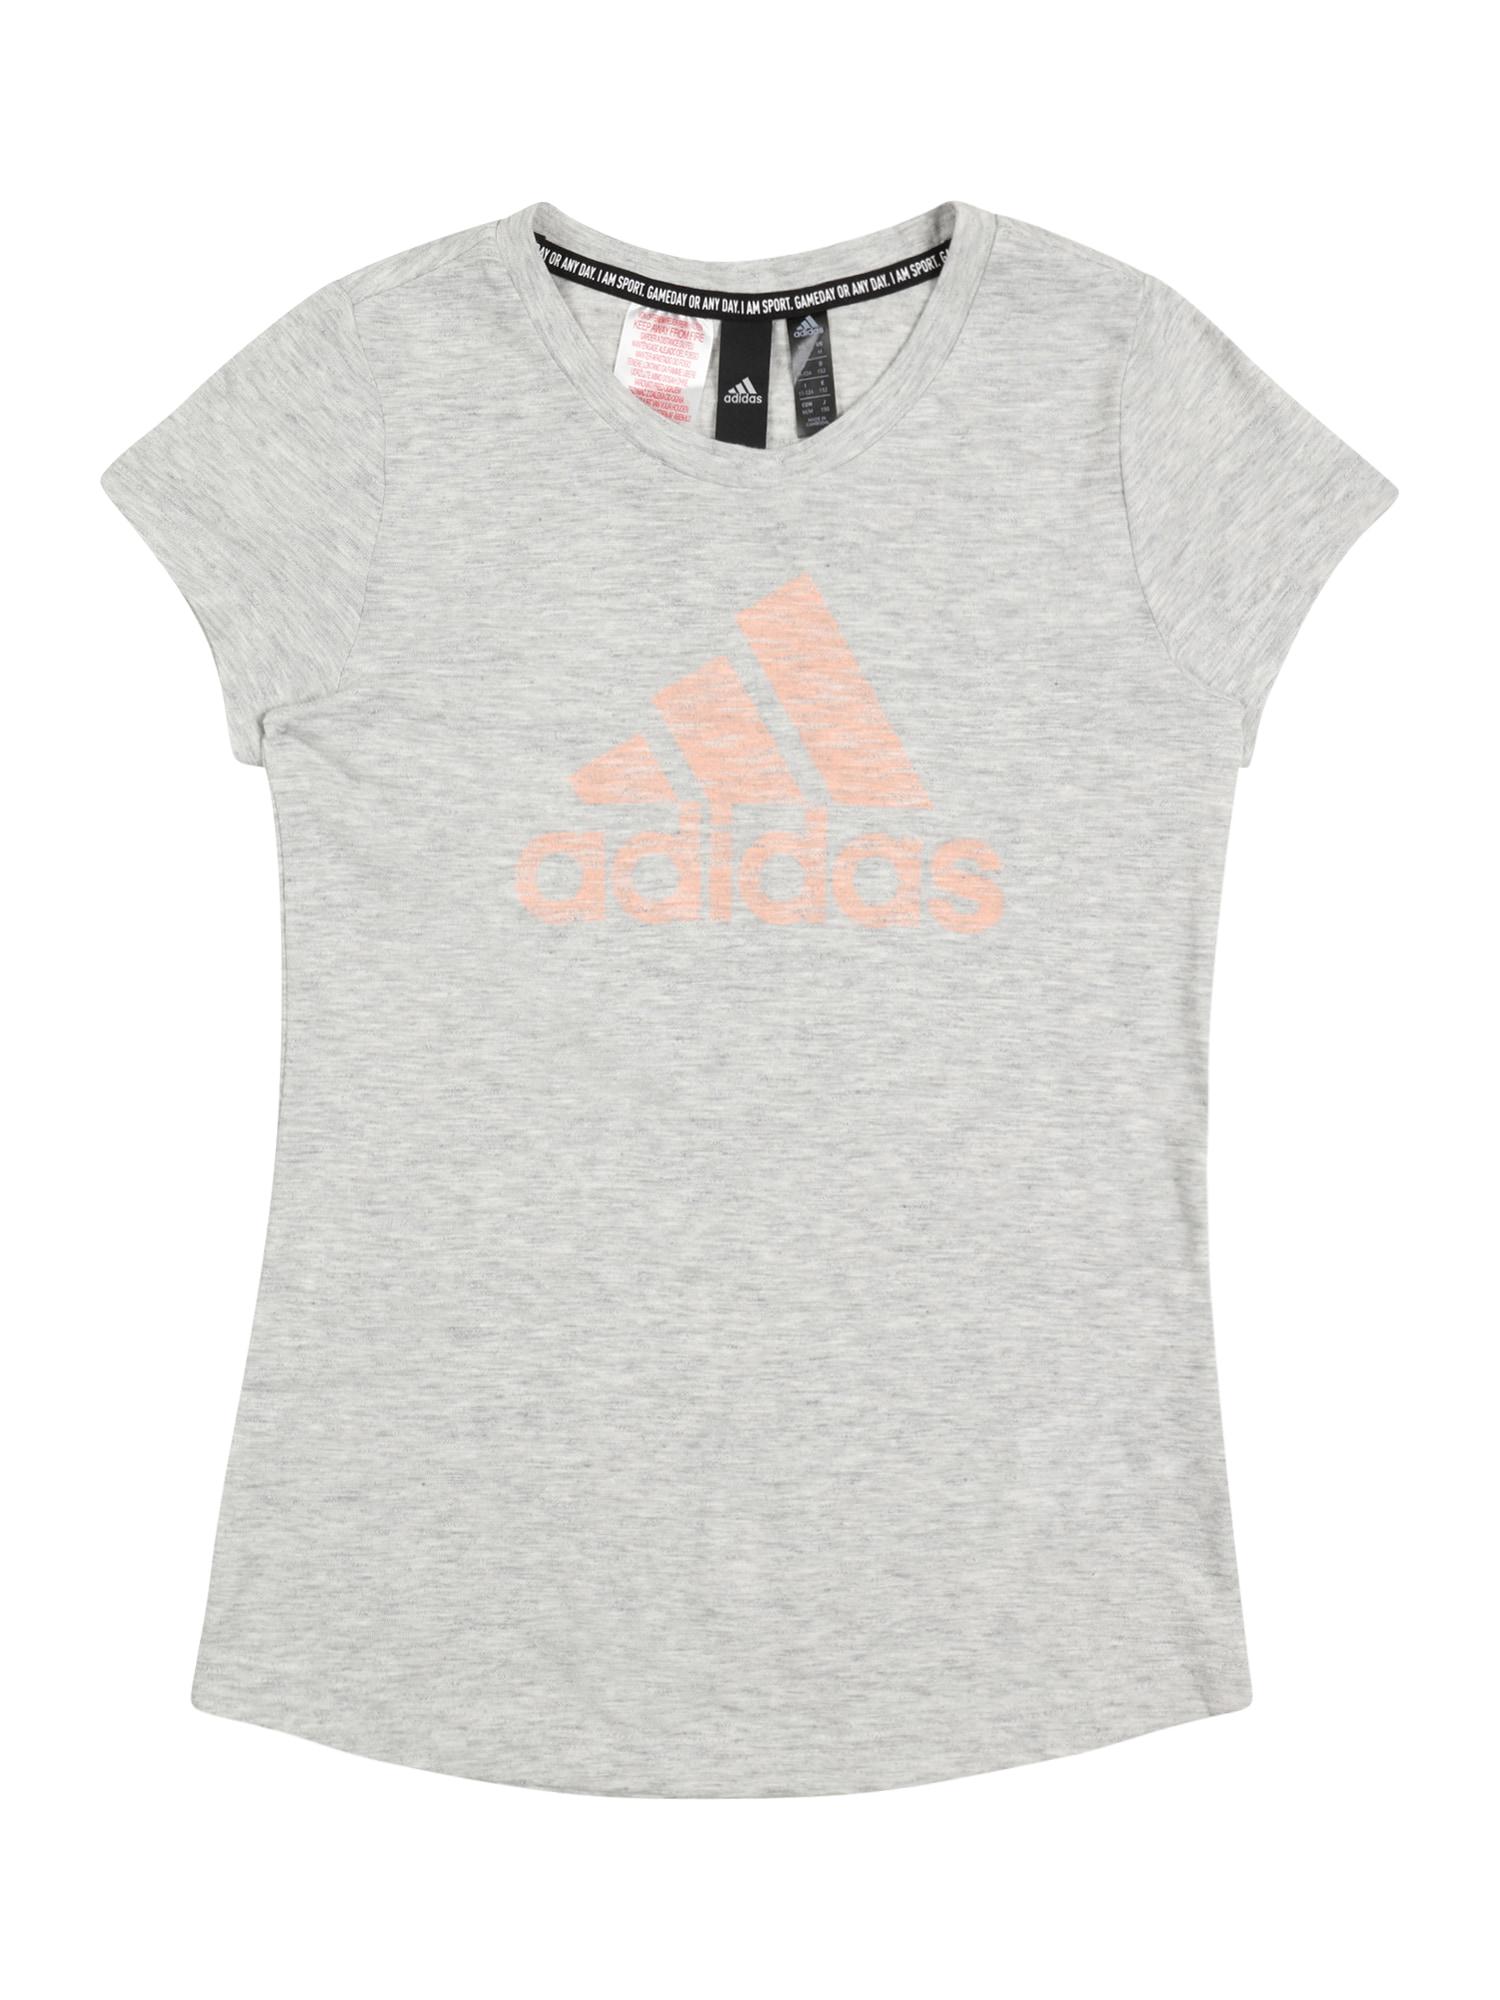 ADIDAS PERFORMANCE Sportiniai marškinėliai margai pilka / persikų spalva